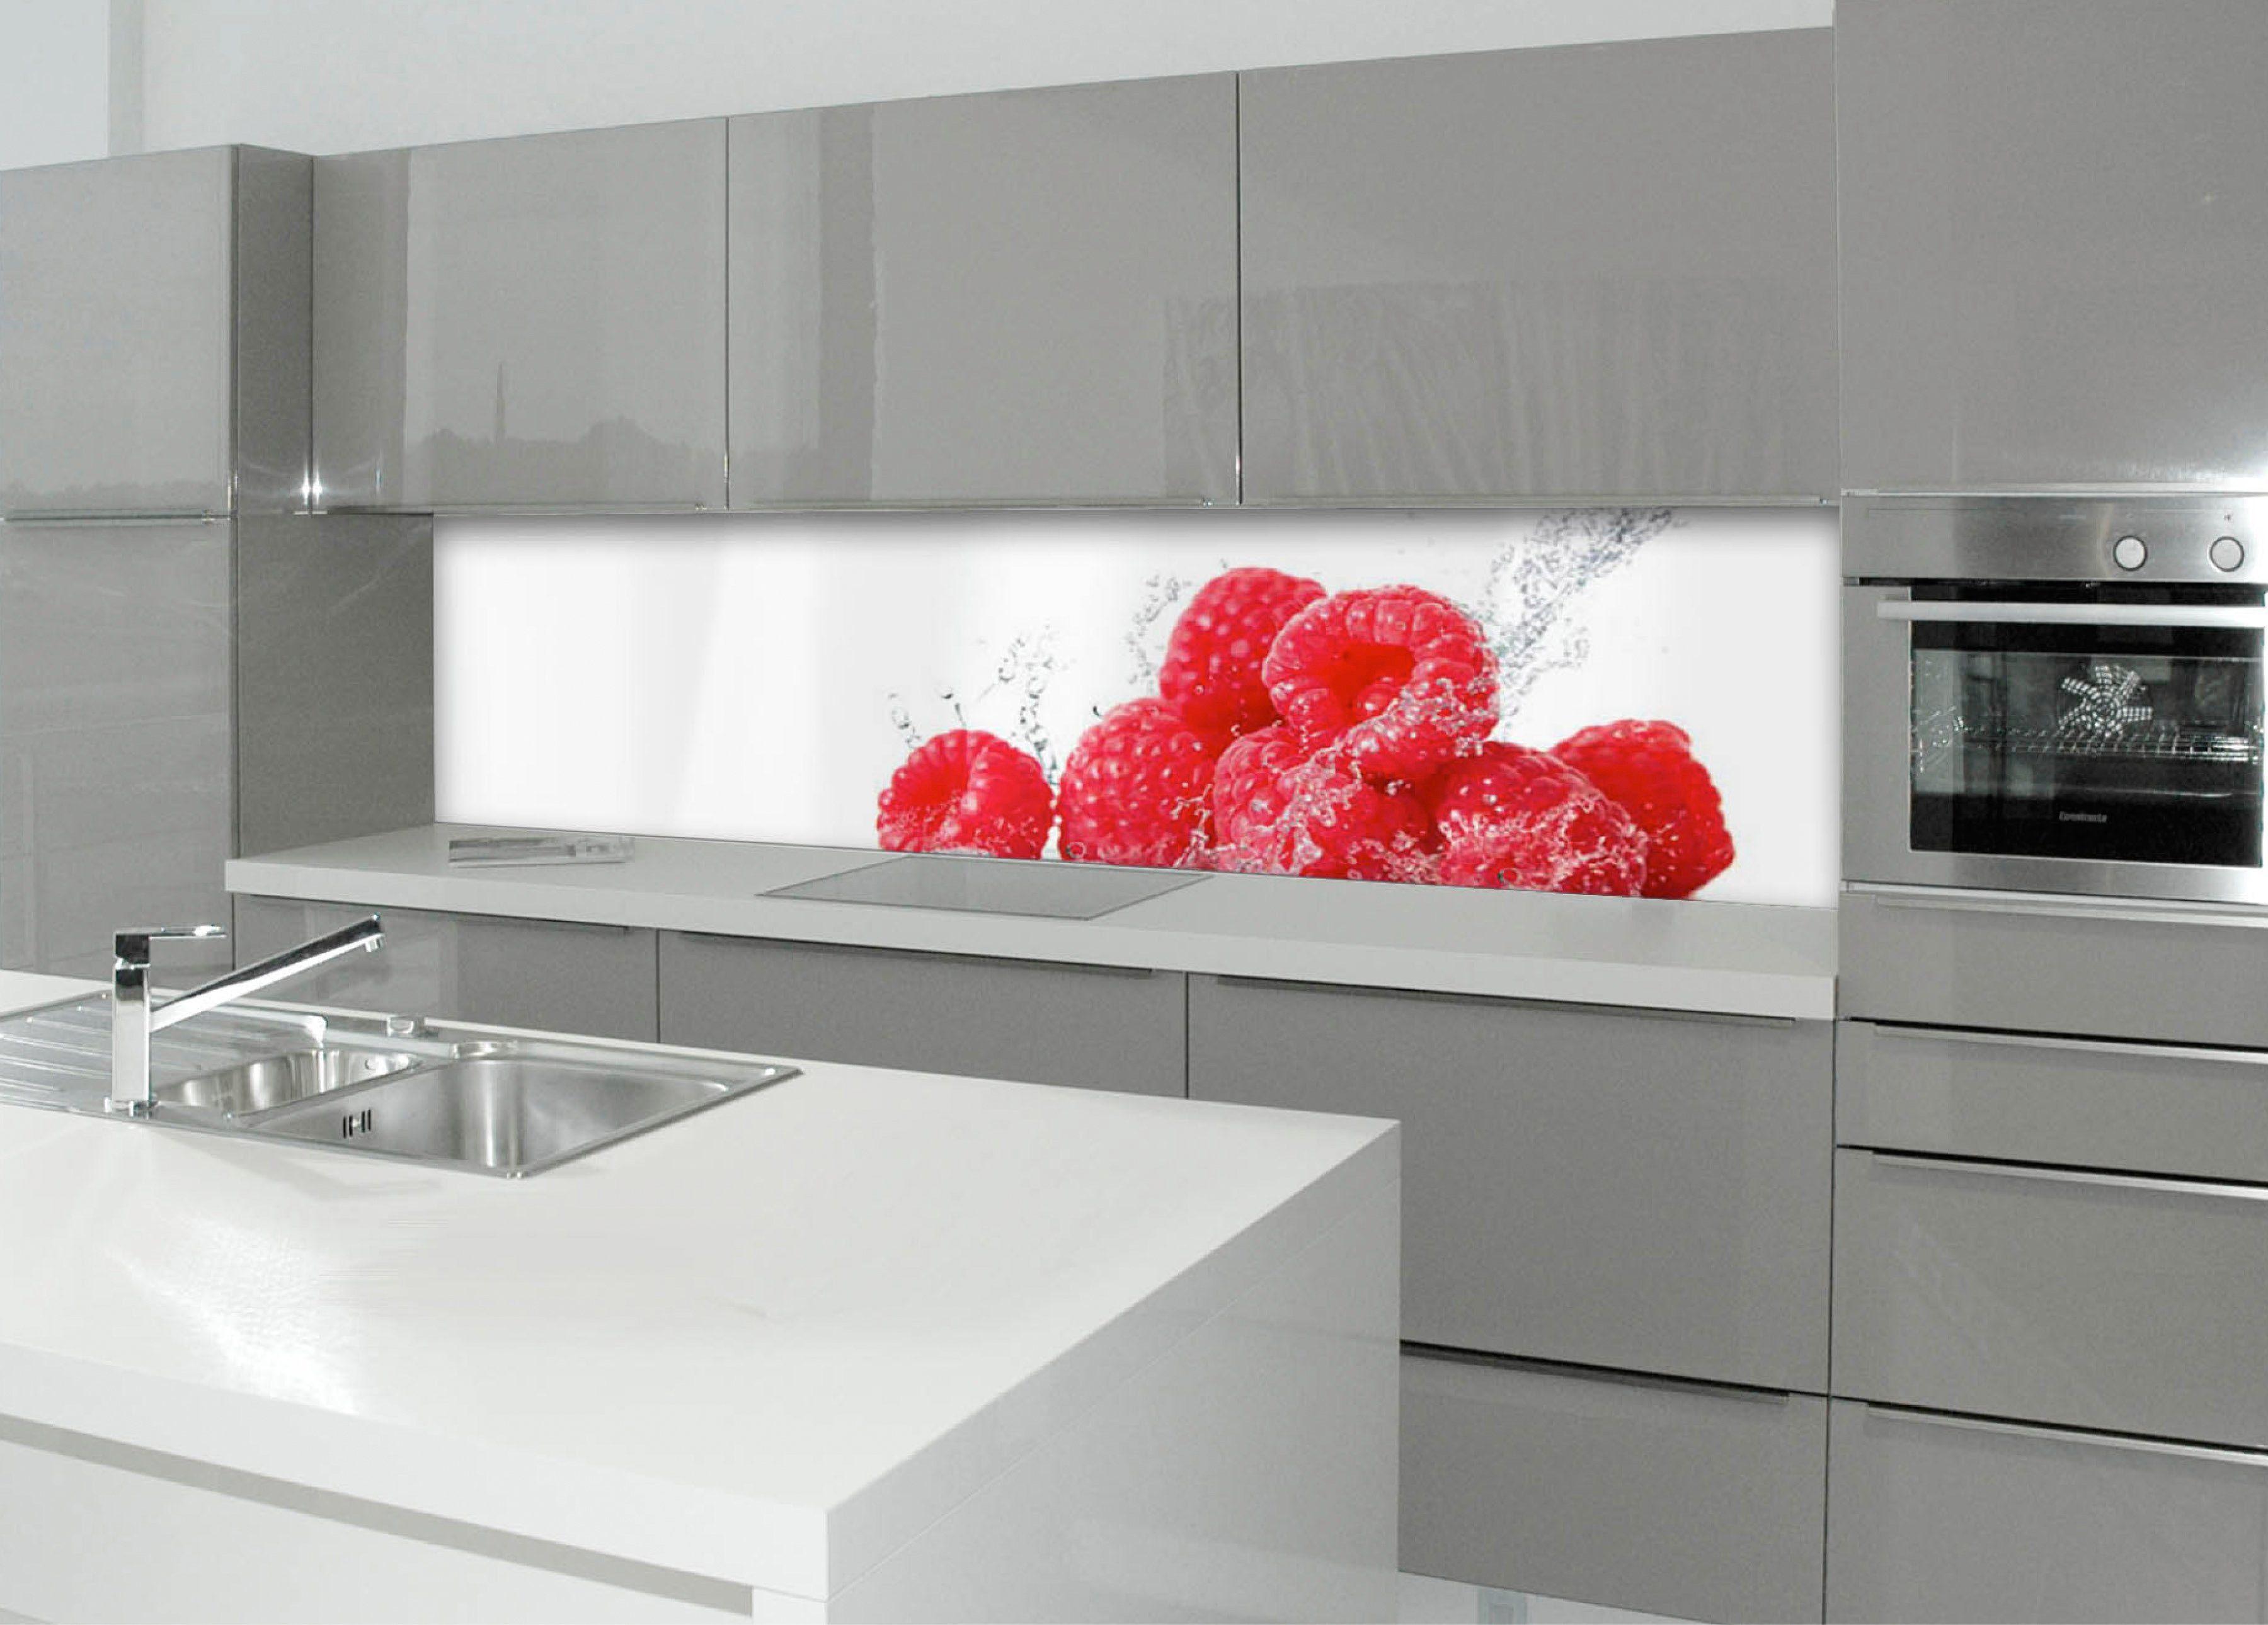 Küchenrückwand - Spritzschutz »profix«, Aqua-Himbeere, 220x60 cm